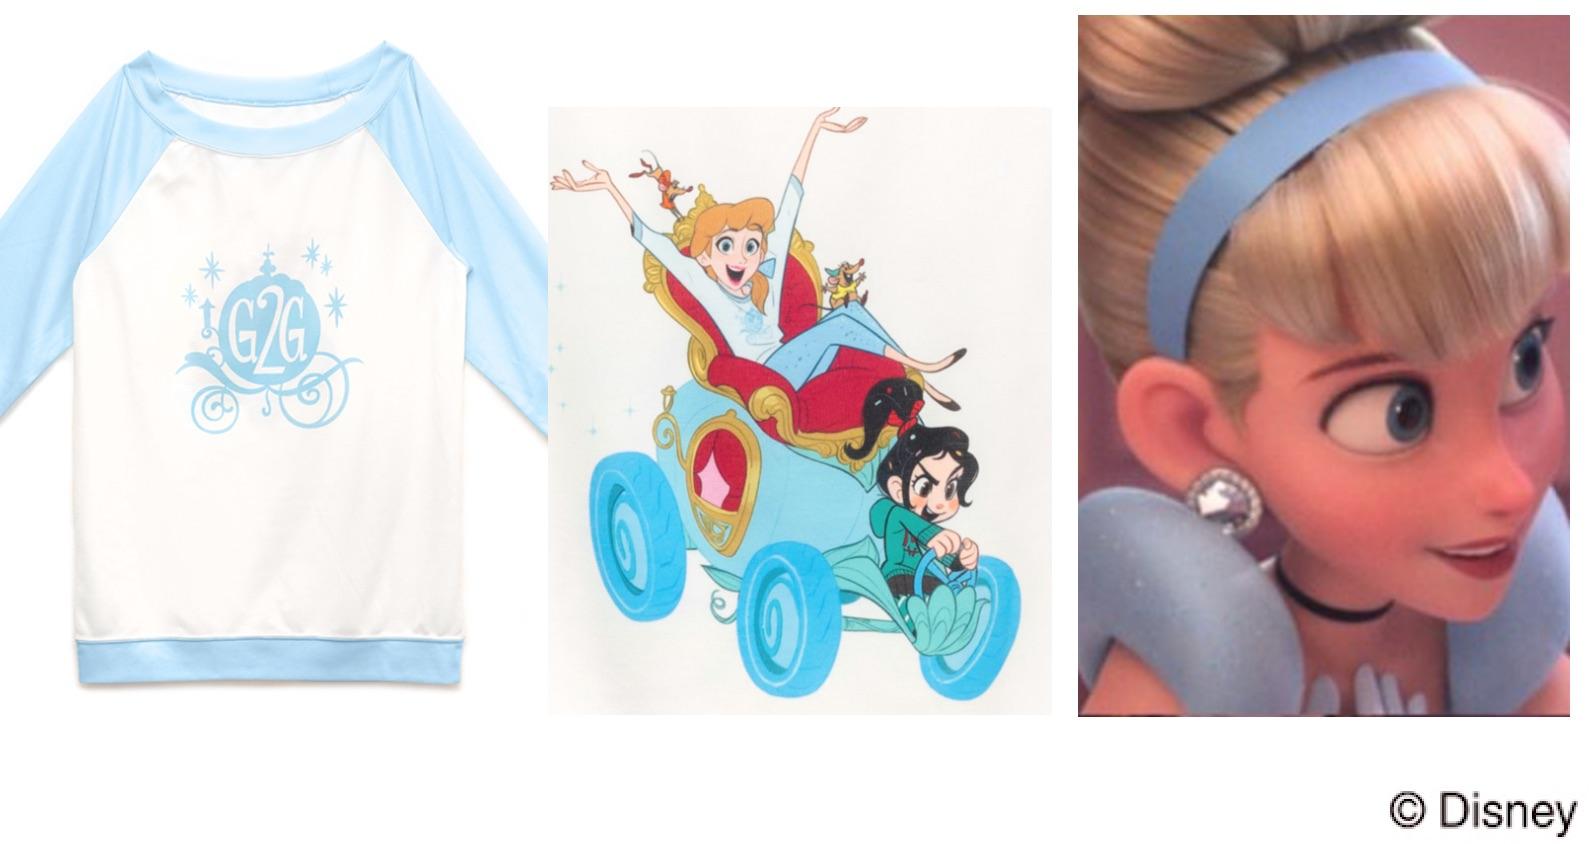 シンデレラ(シンデレラ)シュガーラッシュオンライン、プリンセスの私服Tシャツに隠された意味って?